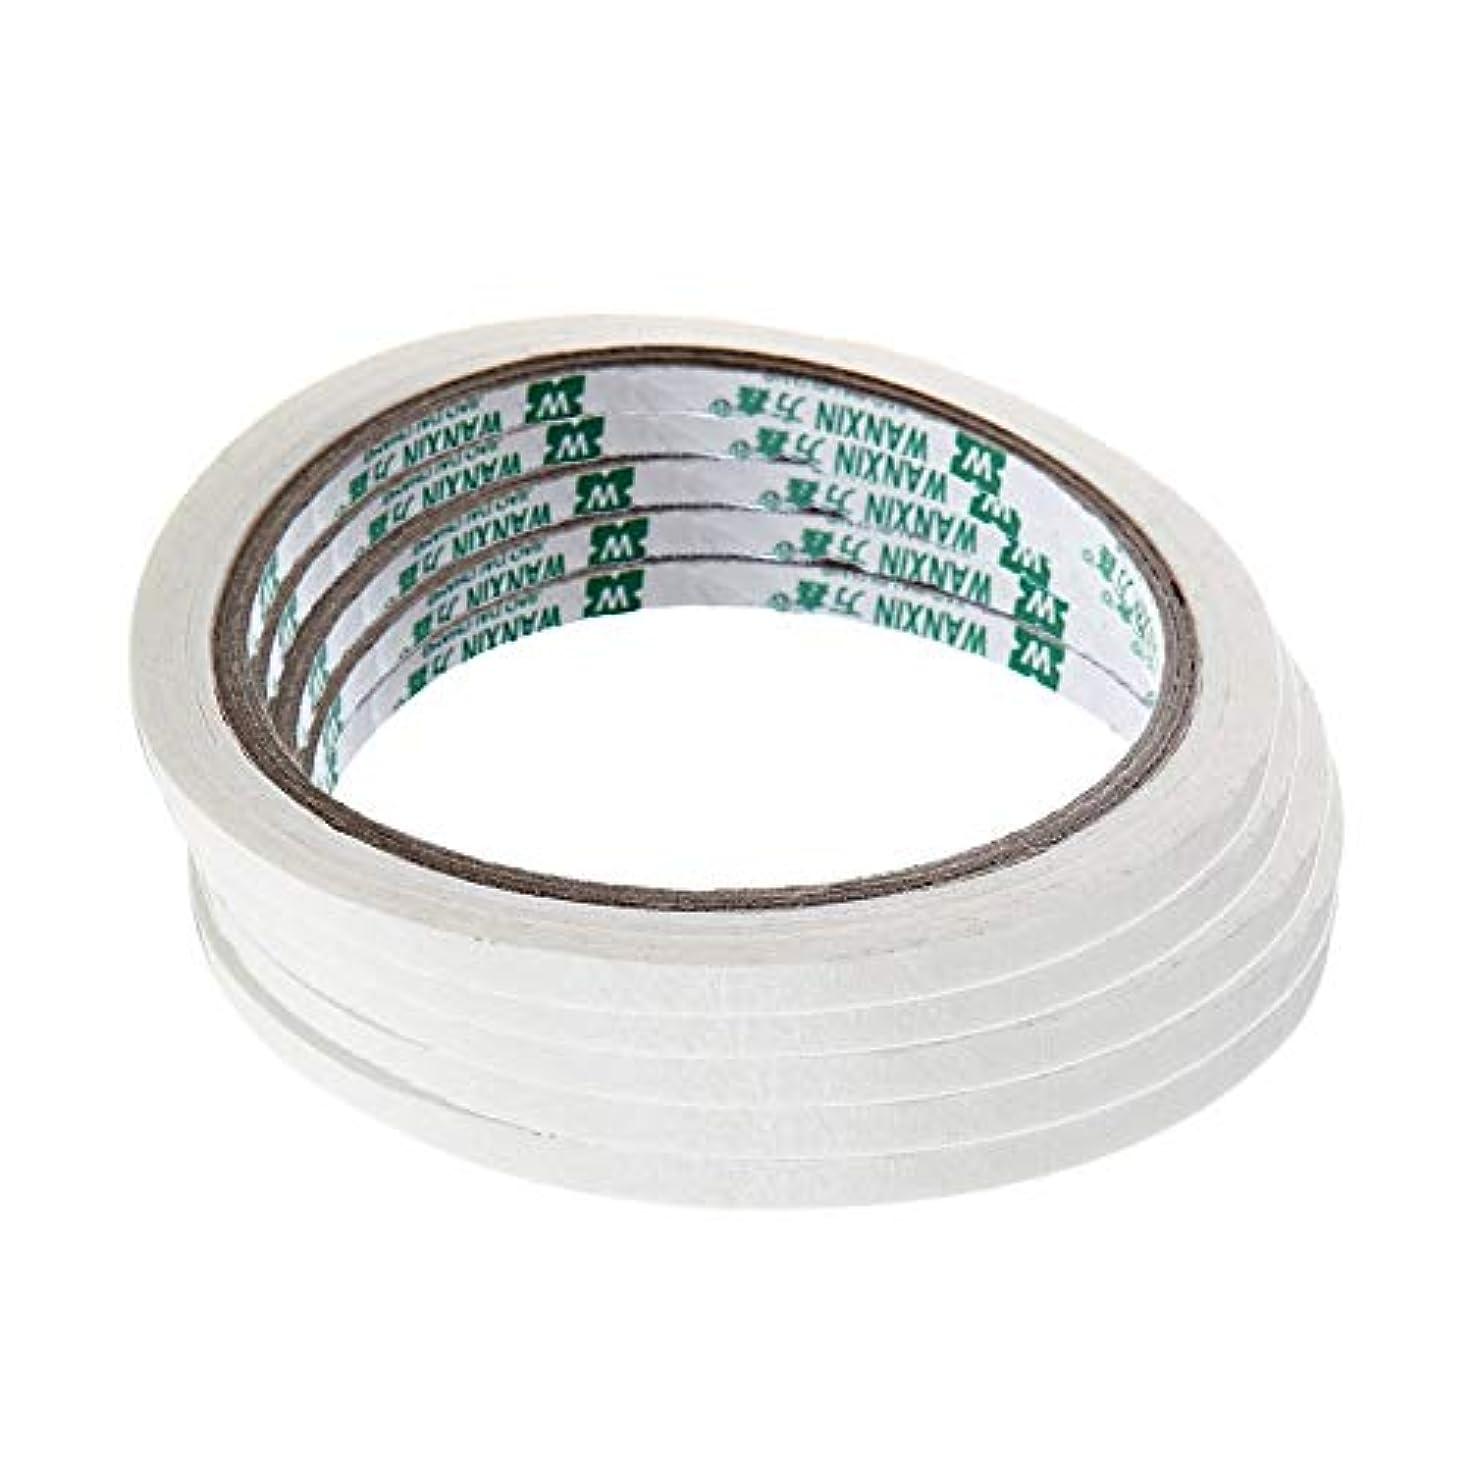 排出ようこそ実り多いクリエイティブ ネイルテープステッカー フレンチ マニキュアネイルアート ヒント マスキングテープ パターン ネイルツール ネイルアート アクセサリー 5ピース